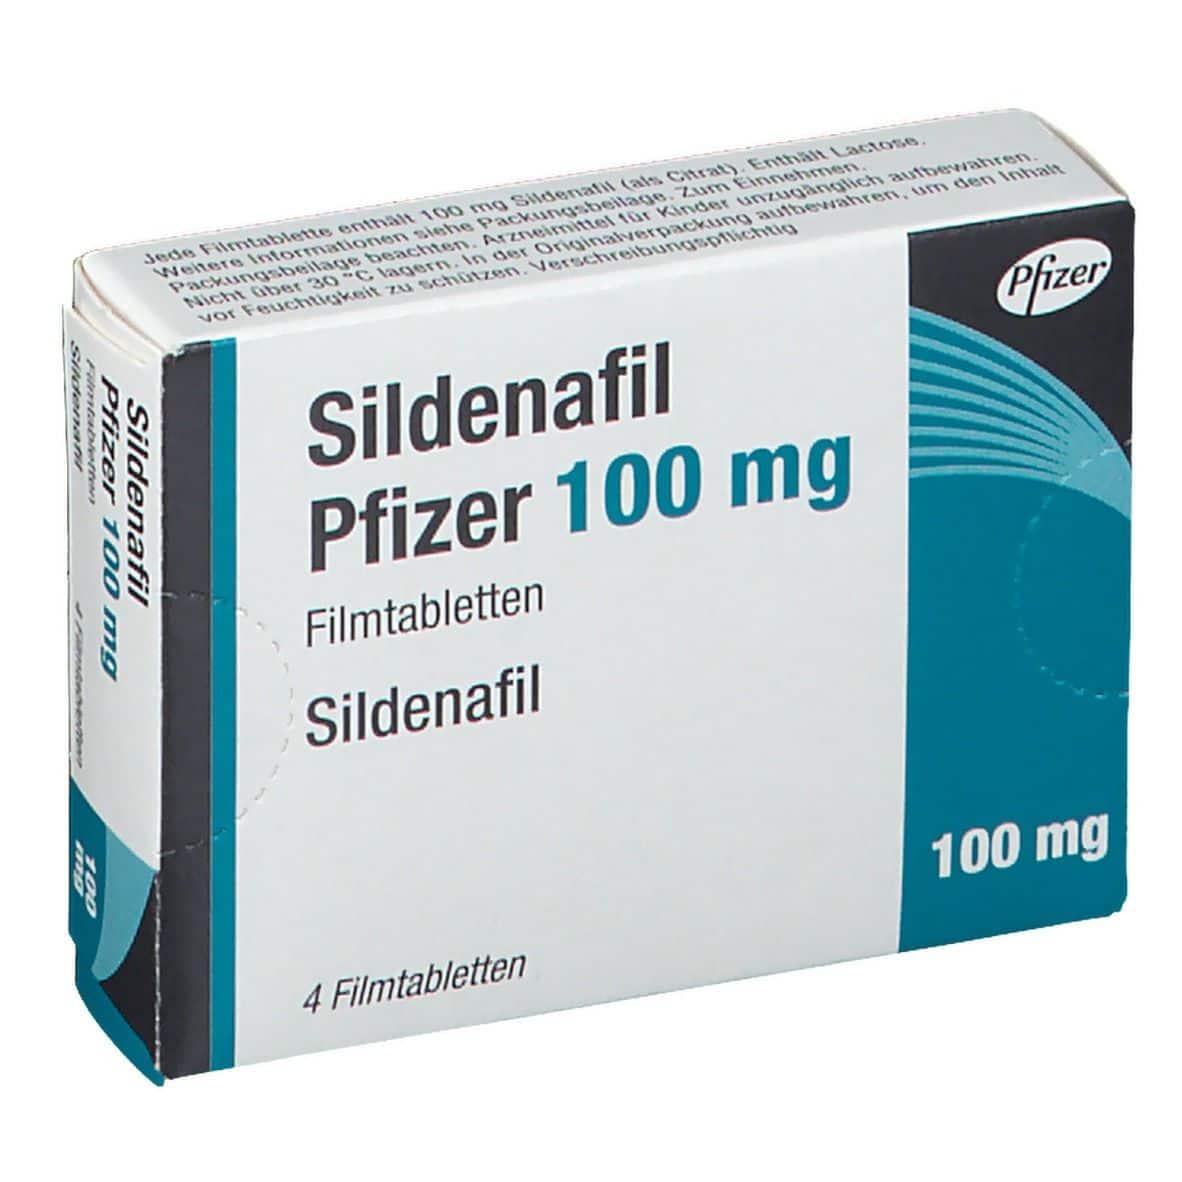 sildenafil-pfizer-100-mg